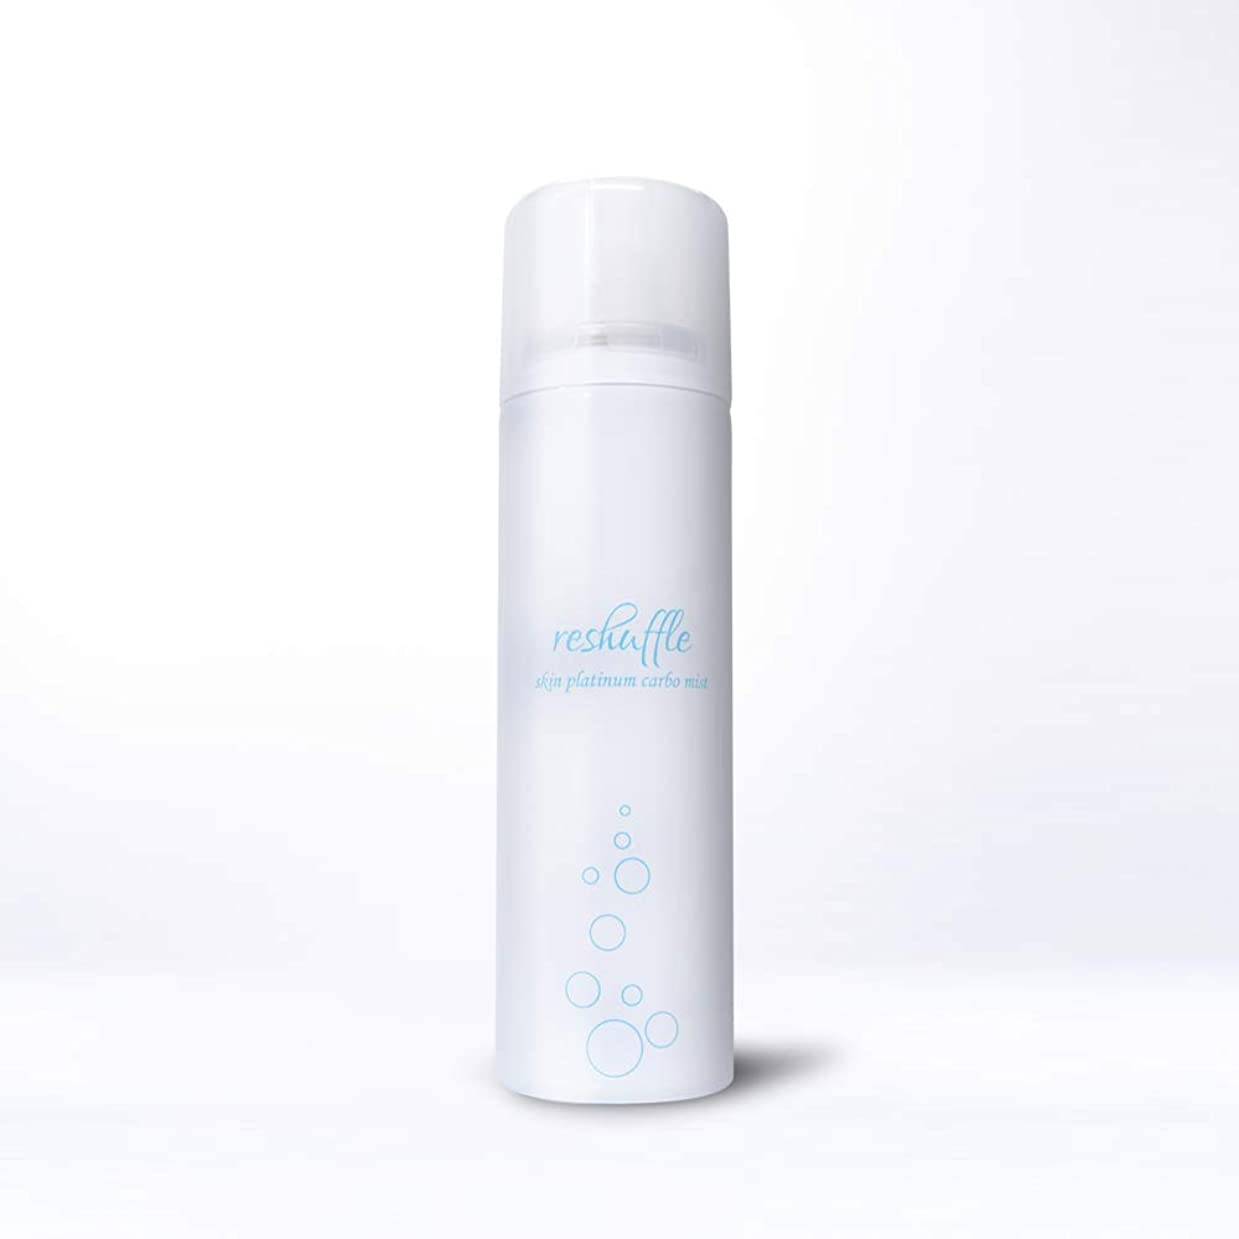 経由で隣人四半期ニキビ 角質ケア シミ そばかす 対策 炭酸化粧水 リシャッフル/炭酸スプレー美容液 (高濃度 グリチルリチン酸 2K 配合) オールインワンミスト